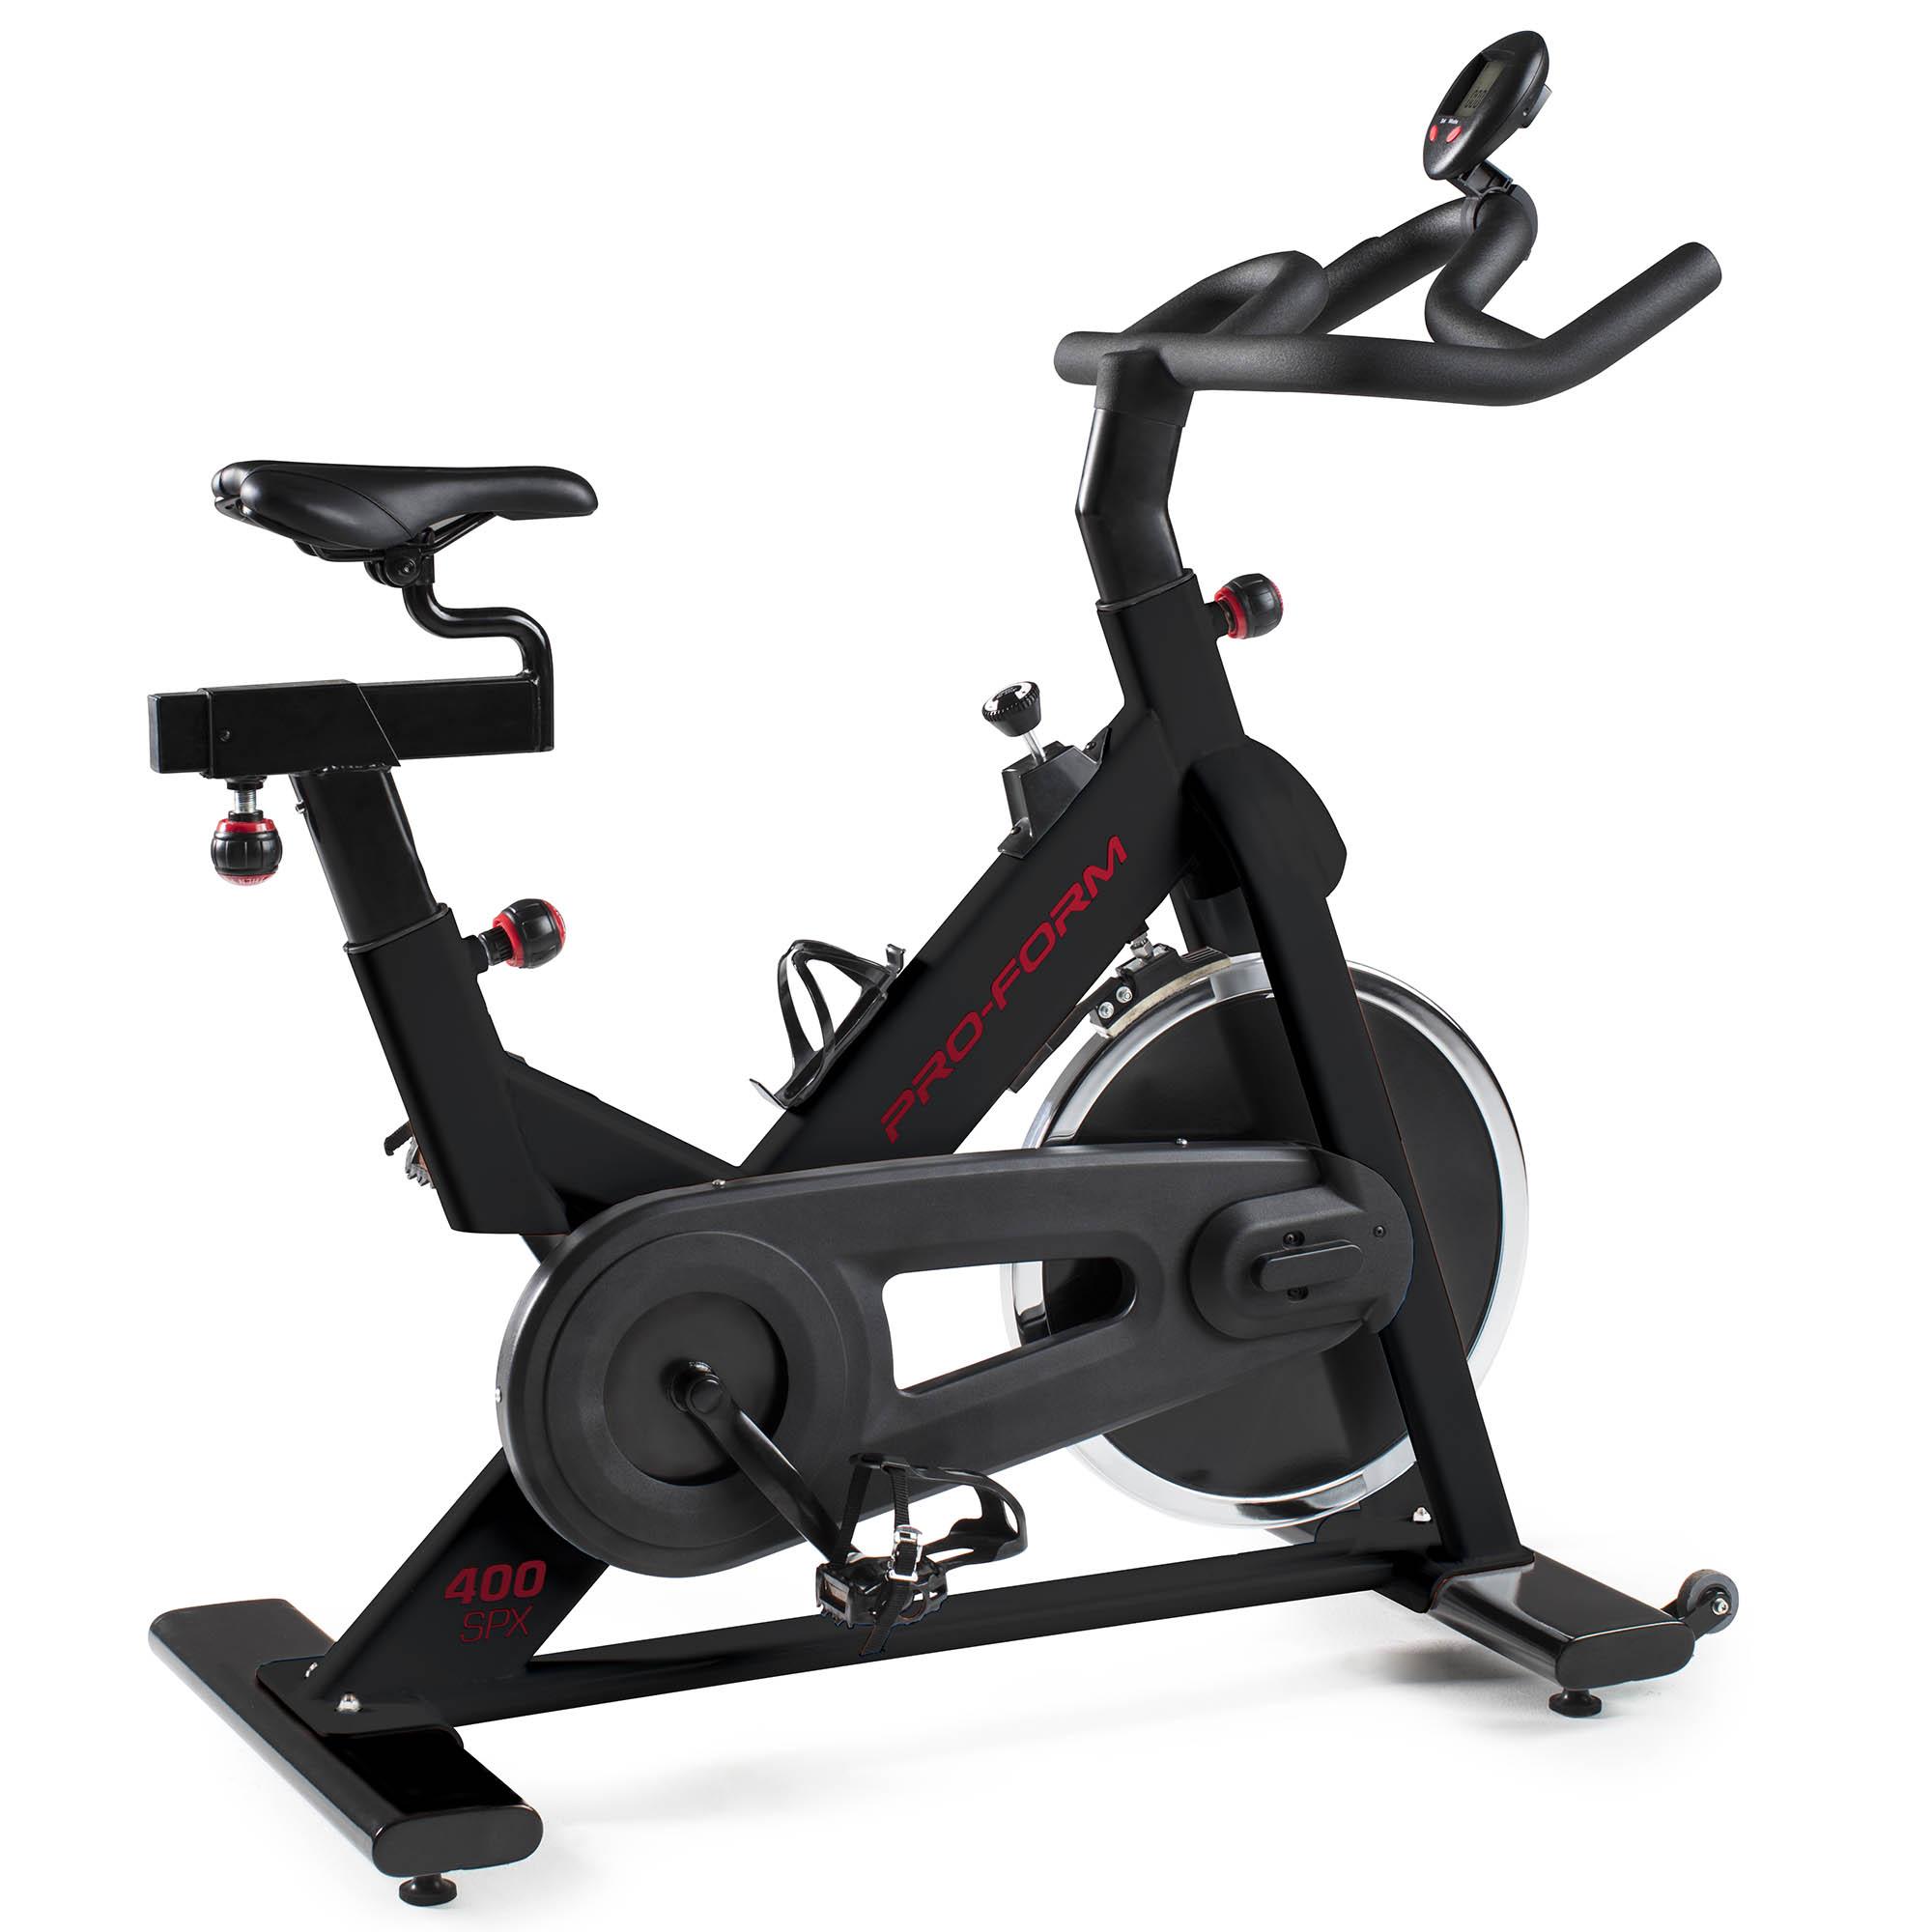 ProForm 400 SPX Indoor Cycle